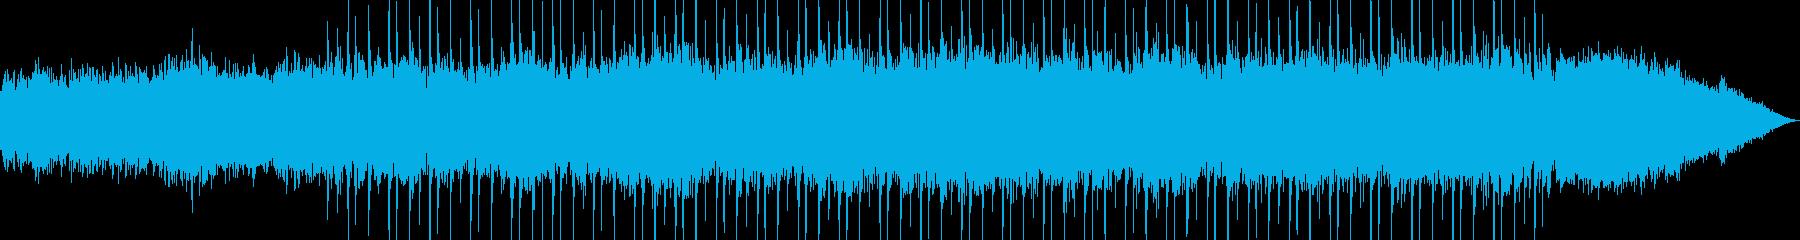 宇宙遊泳をイメージした楽曲の再生済みの波形